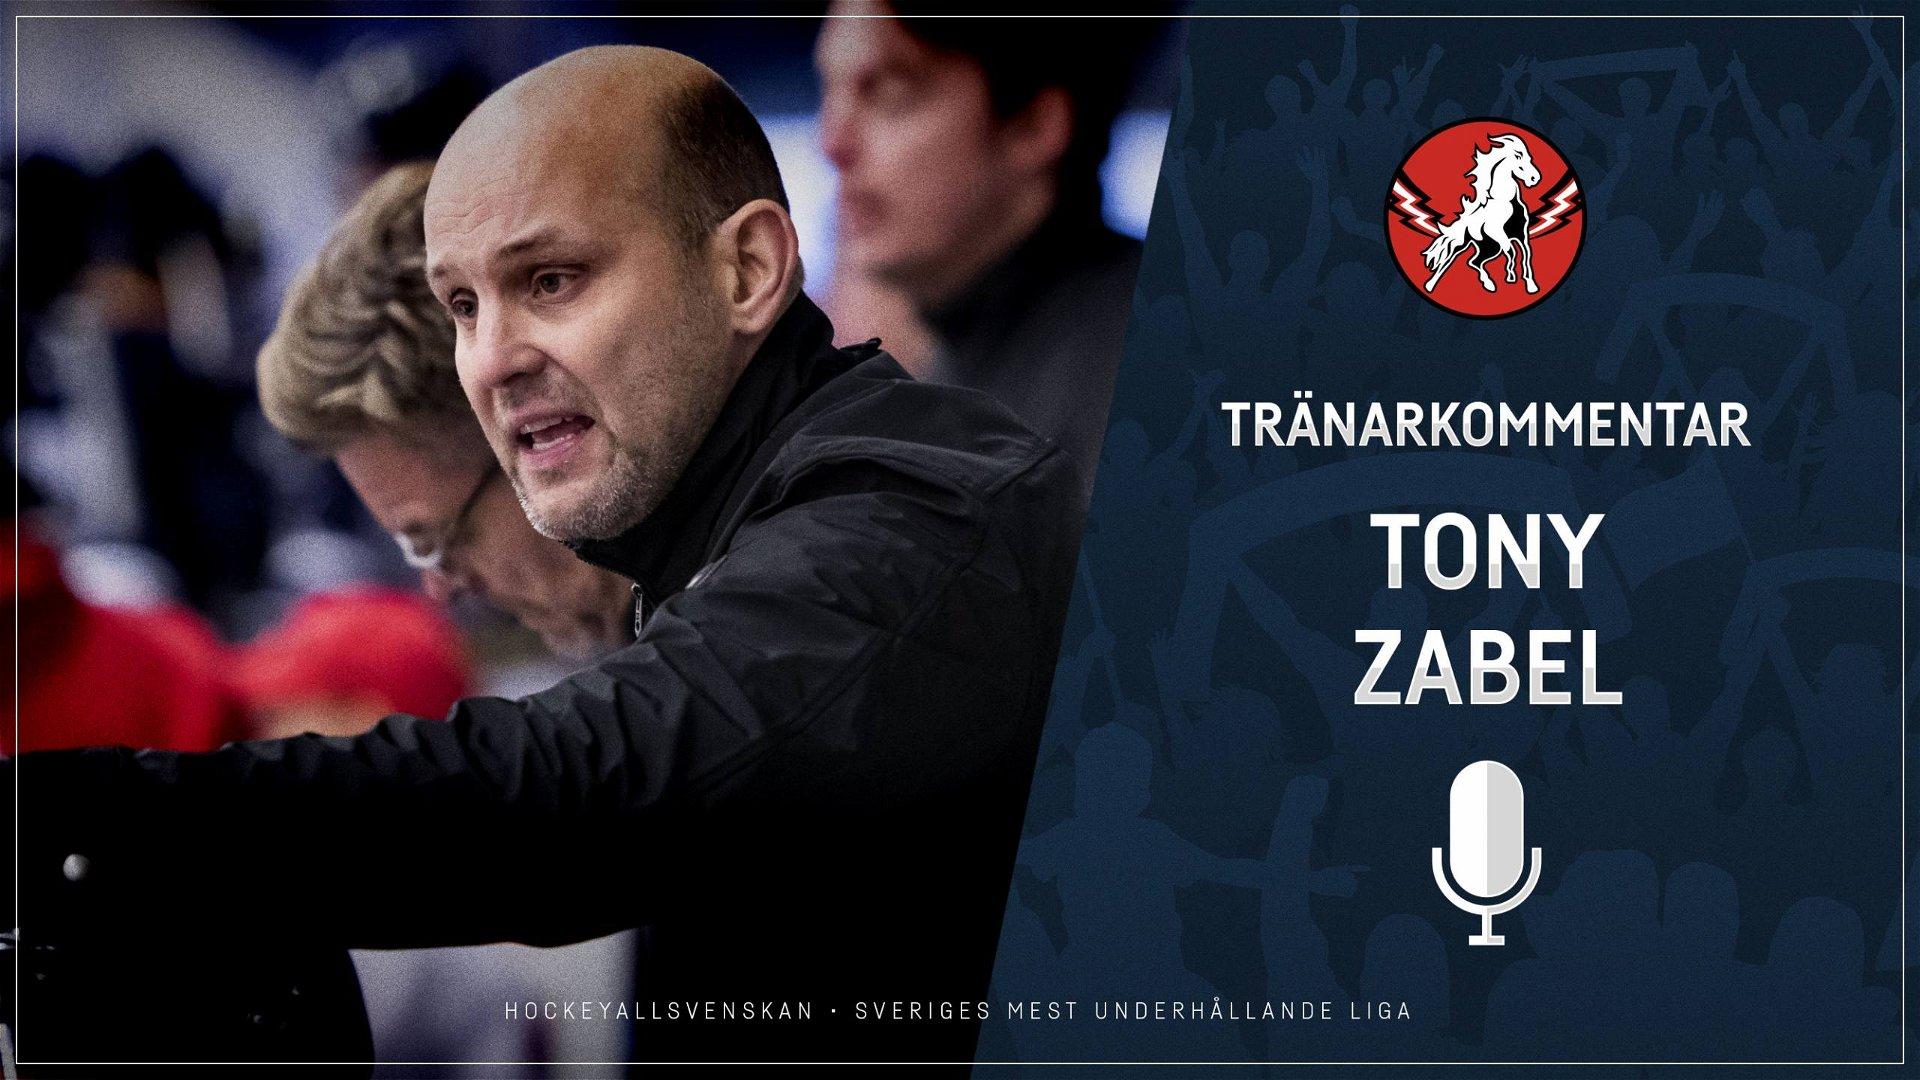 2020-11-04 Segerintervju: Tony Zabel